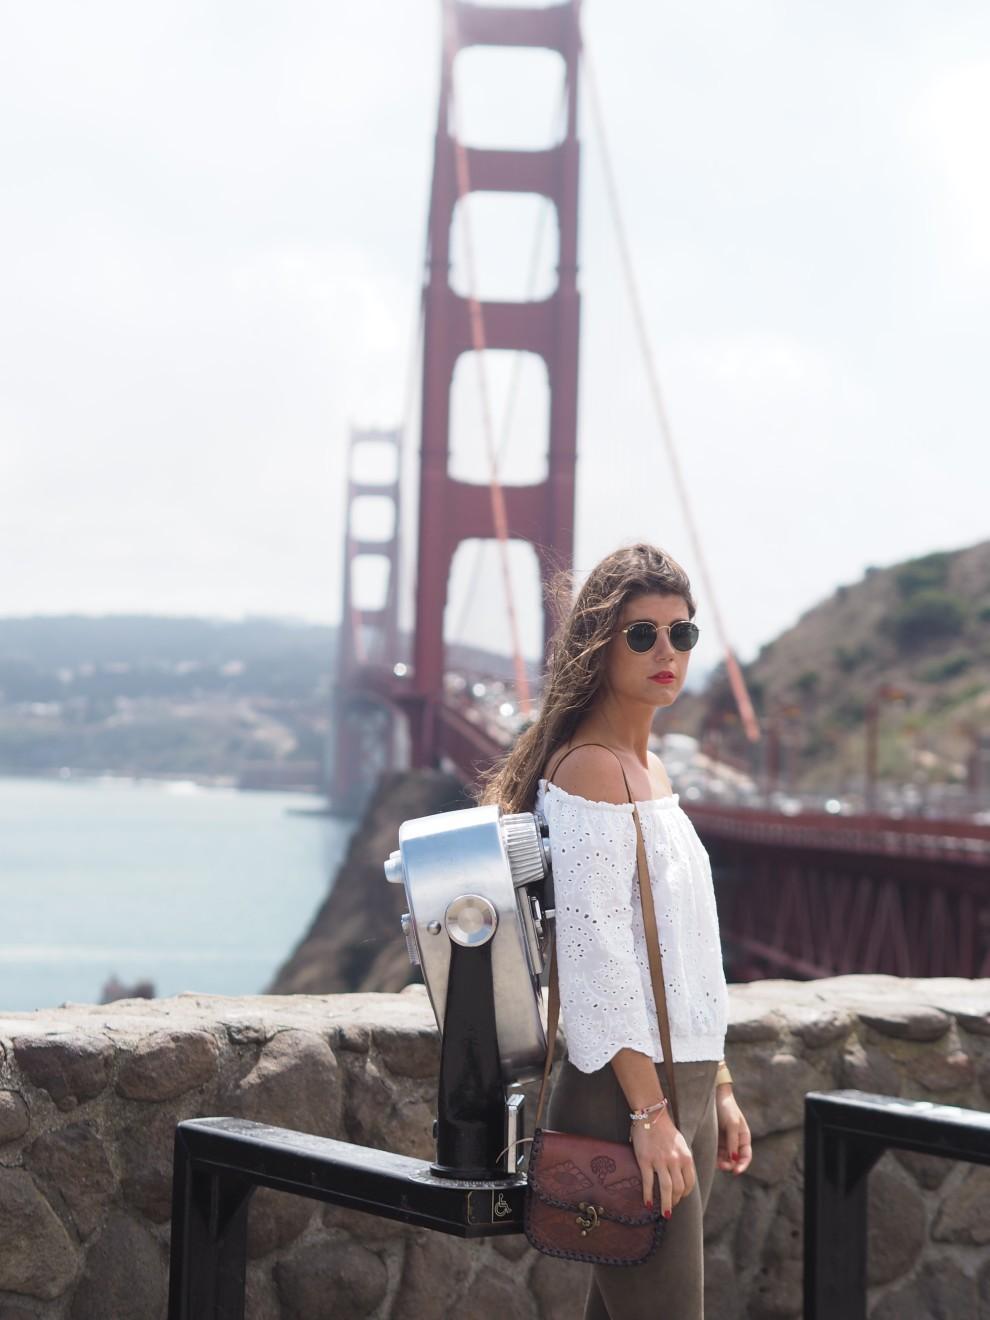 MIJN REIZEN 2016 California roadtrip Amandine Les Berlinettes San Francisco